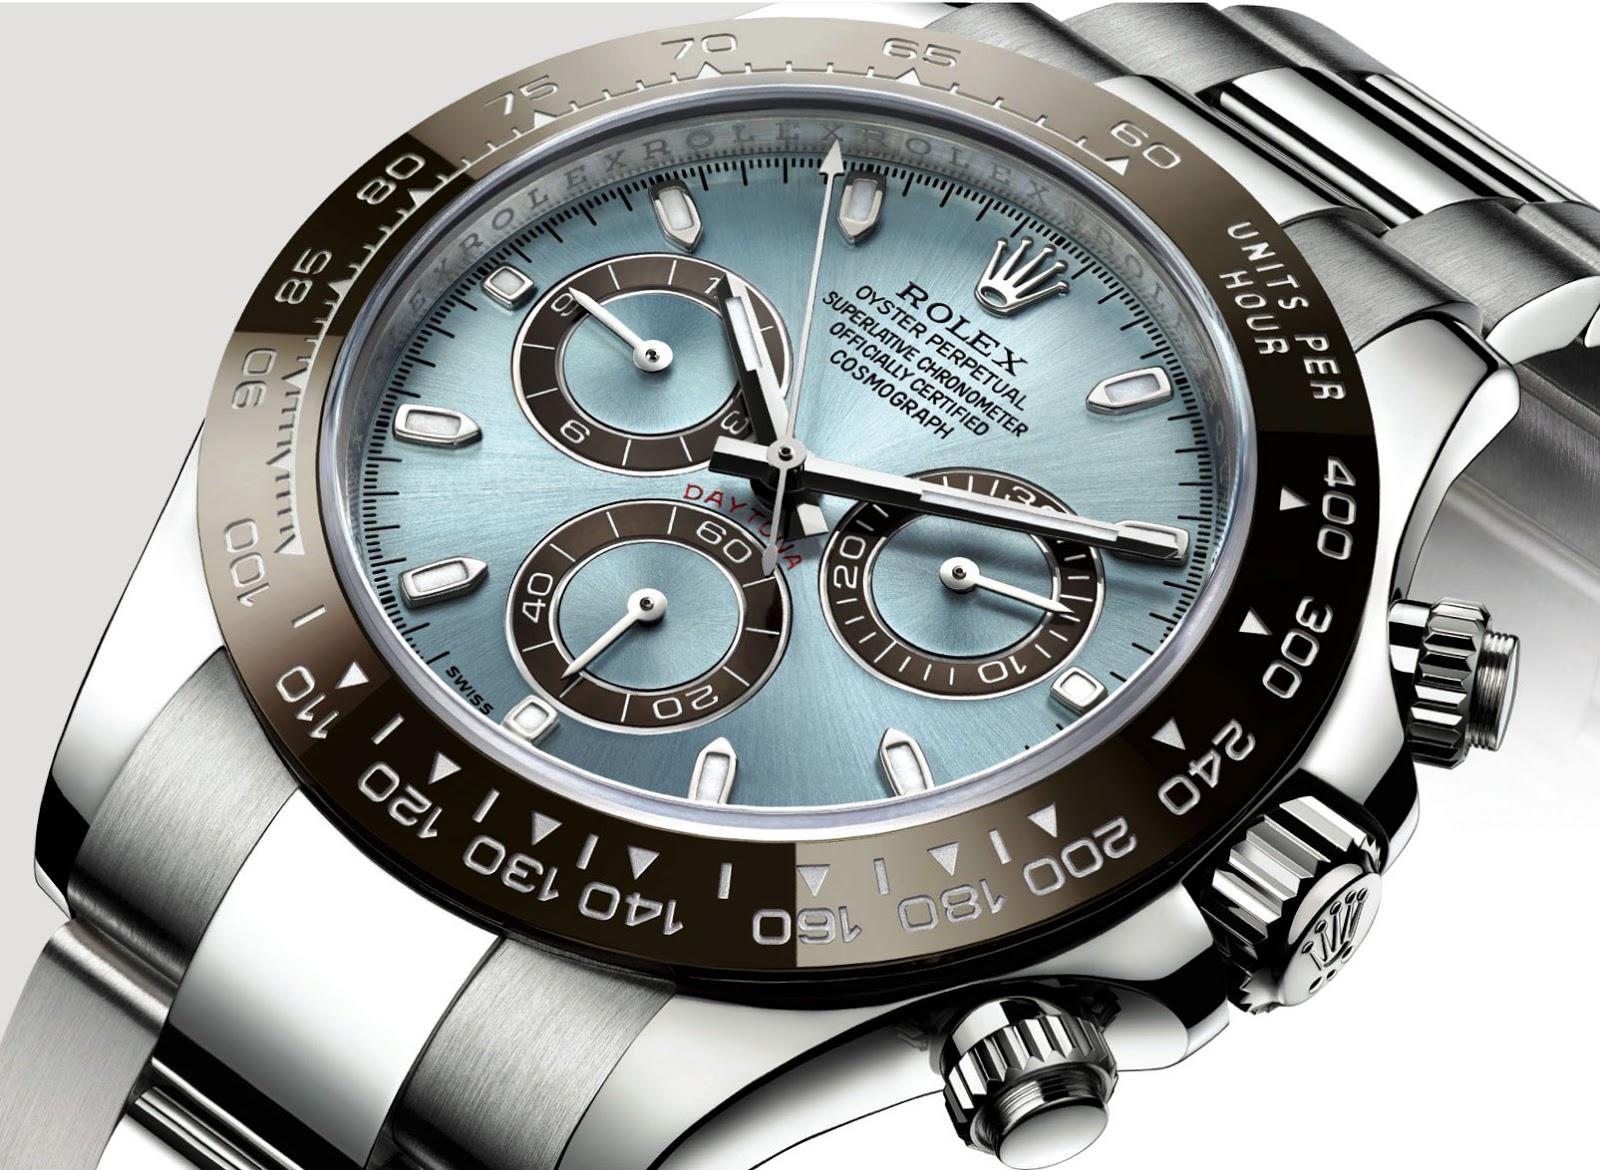 الموديلات العشرة الأبرز في تاريخ صناعة الساعات جريدة البورصة